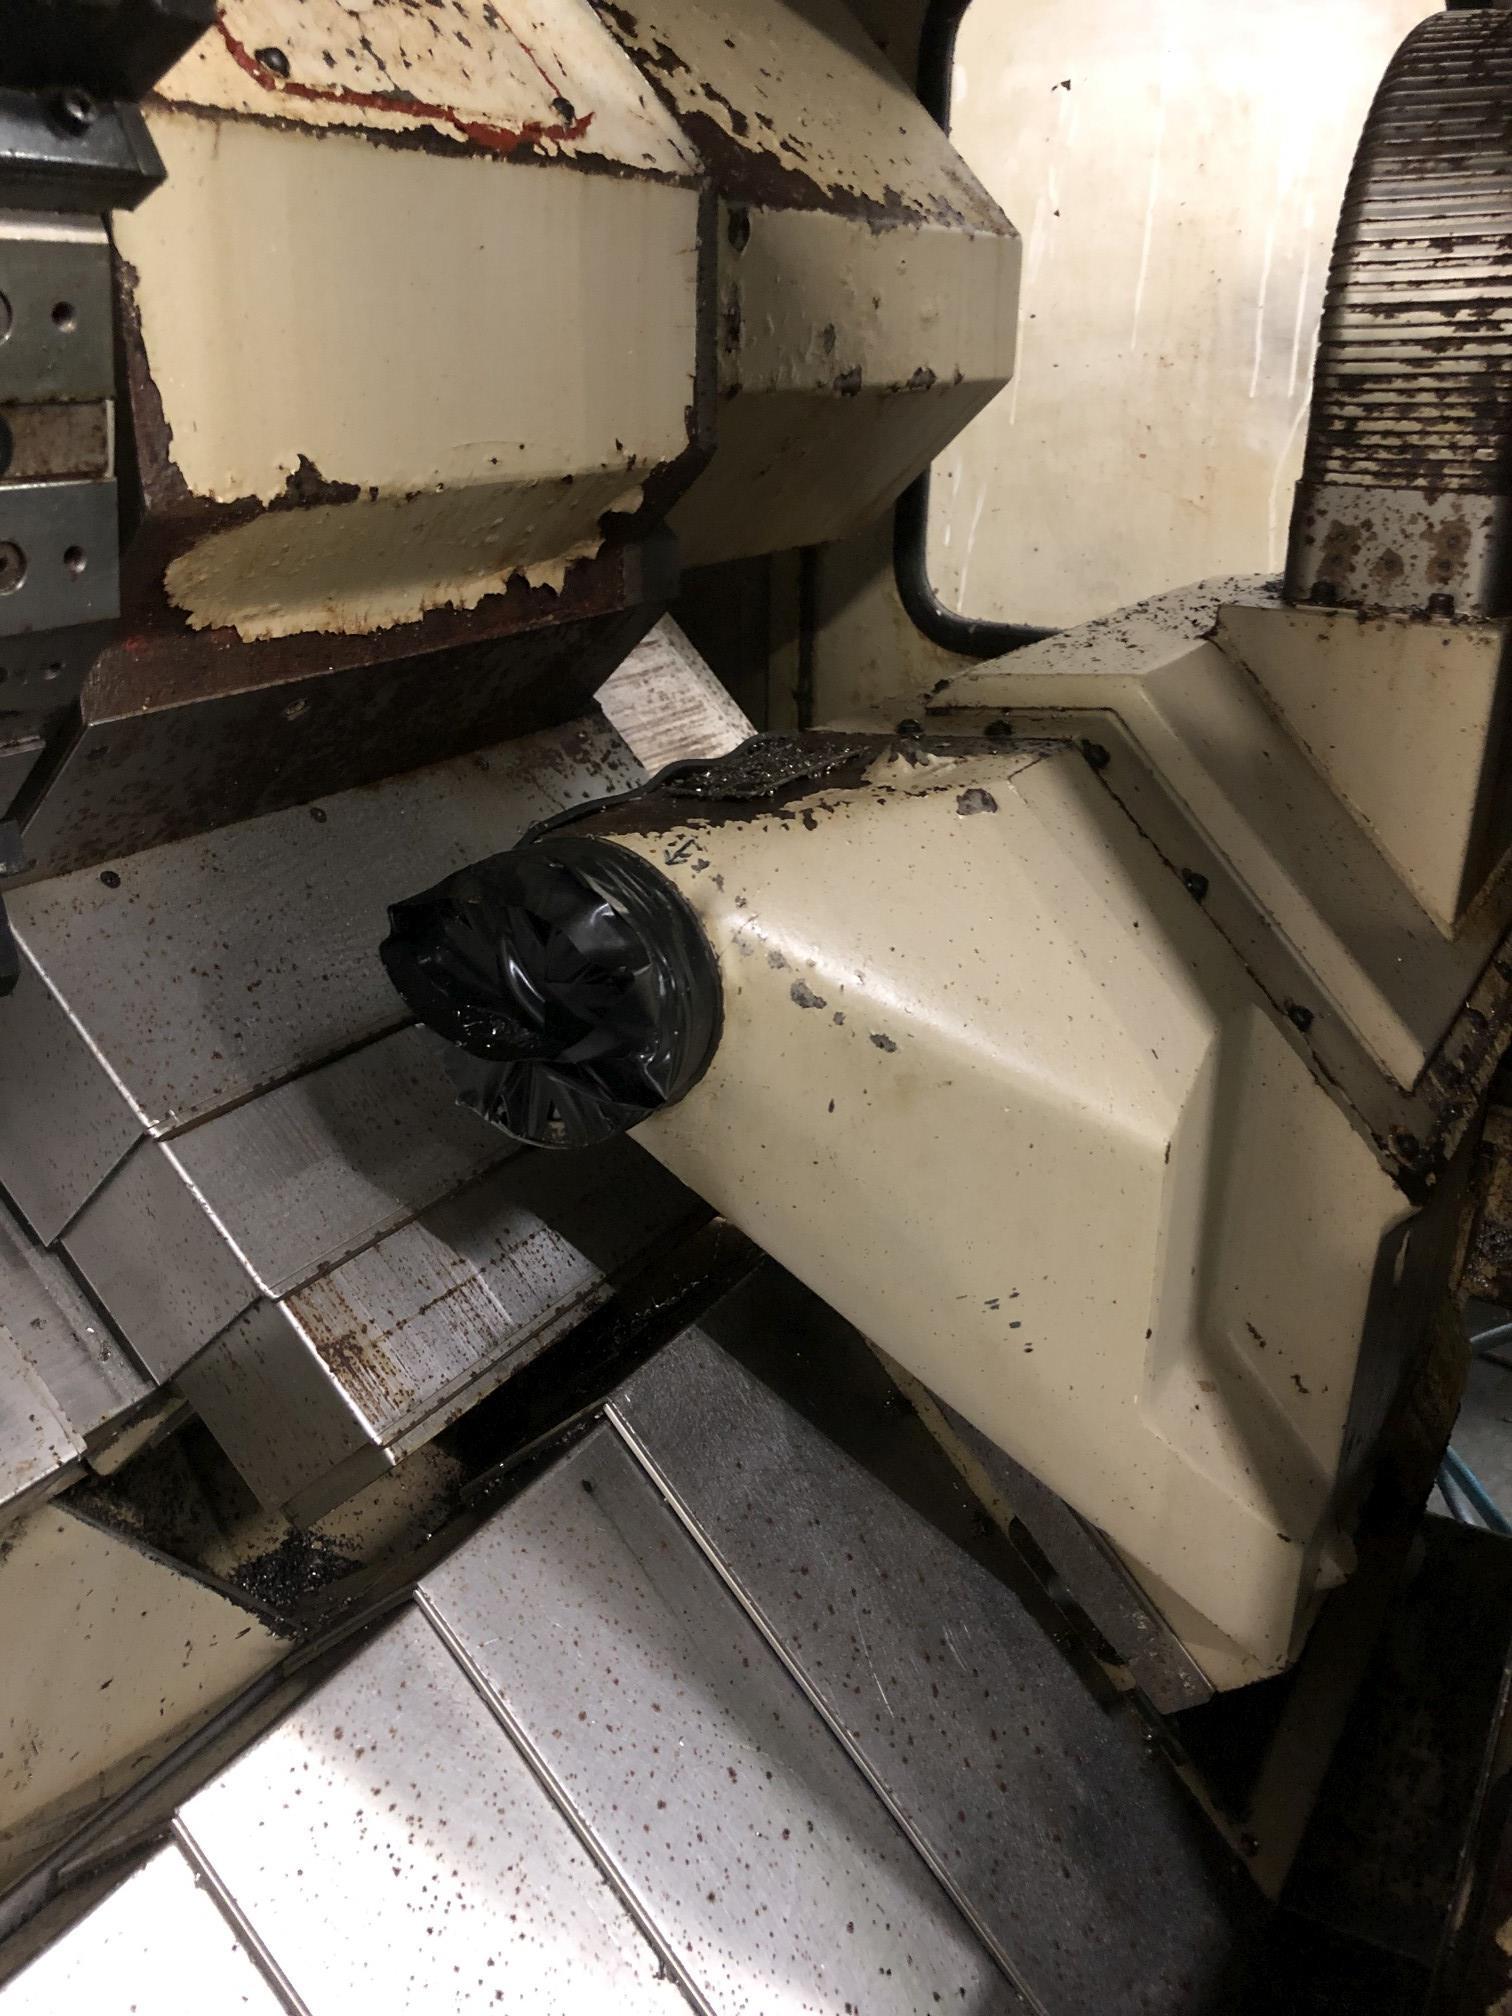 Hardinge Conquest 42 CNC Lathe - Image 6 of 11